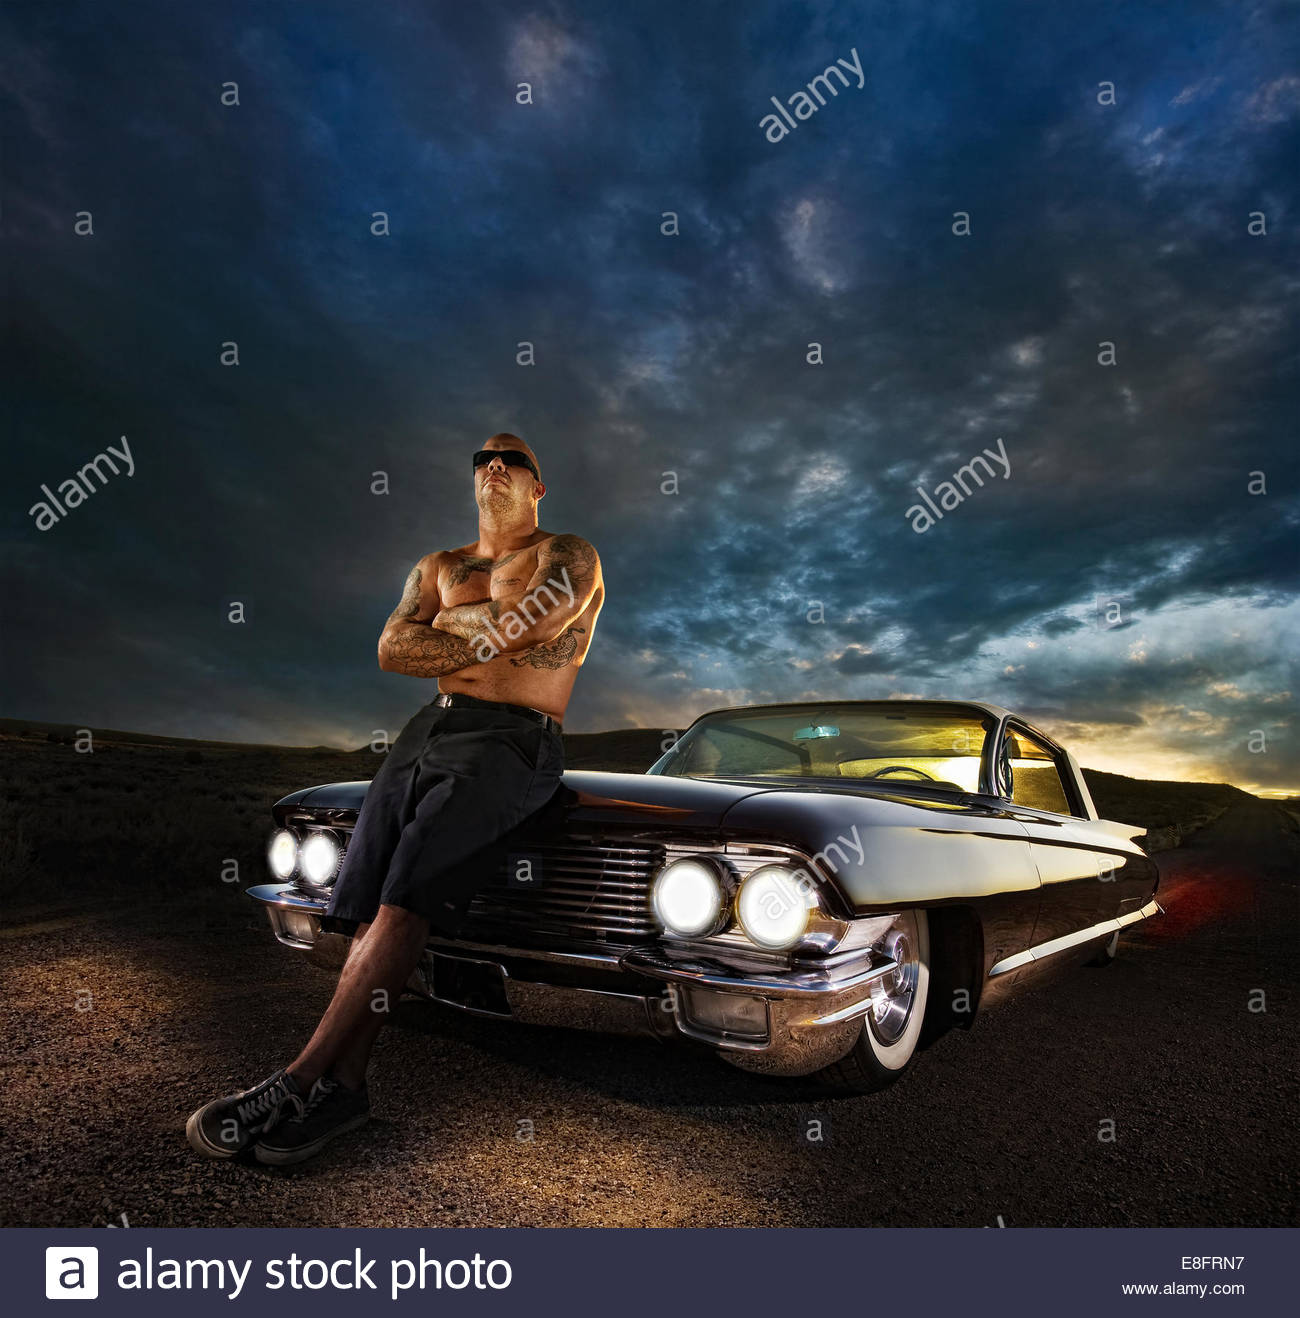 Tatuado hombre apoyado en su coche vintage Imagen De Stock